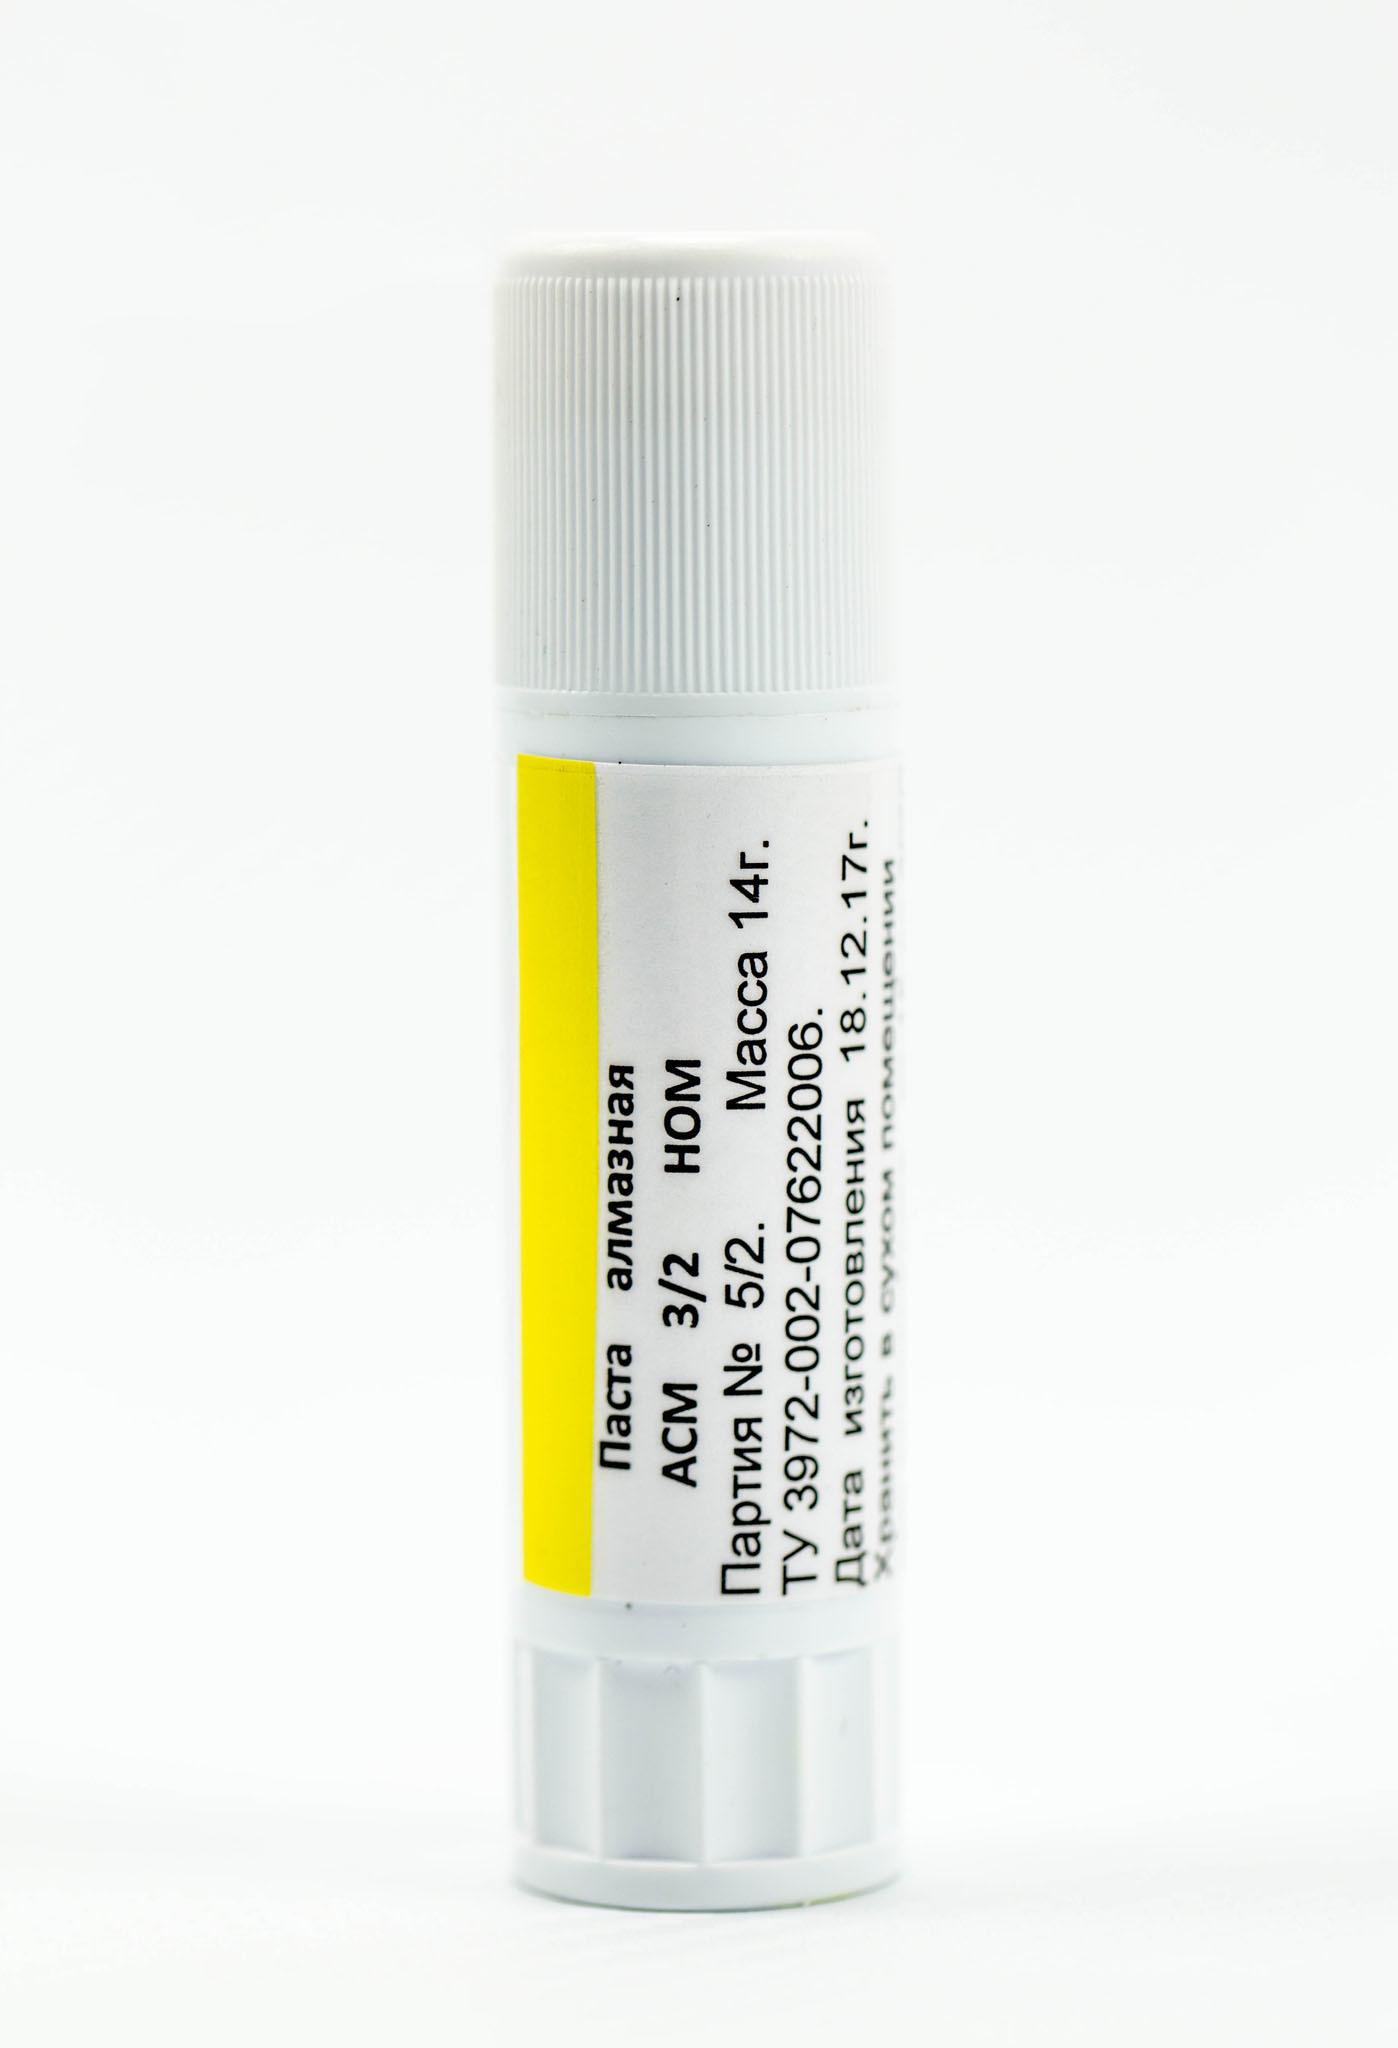 Алмазная паста HOM ACM 3/2, 14 гр. от Веневский  завод алмазных инструментов